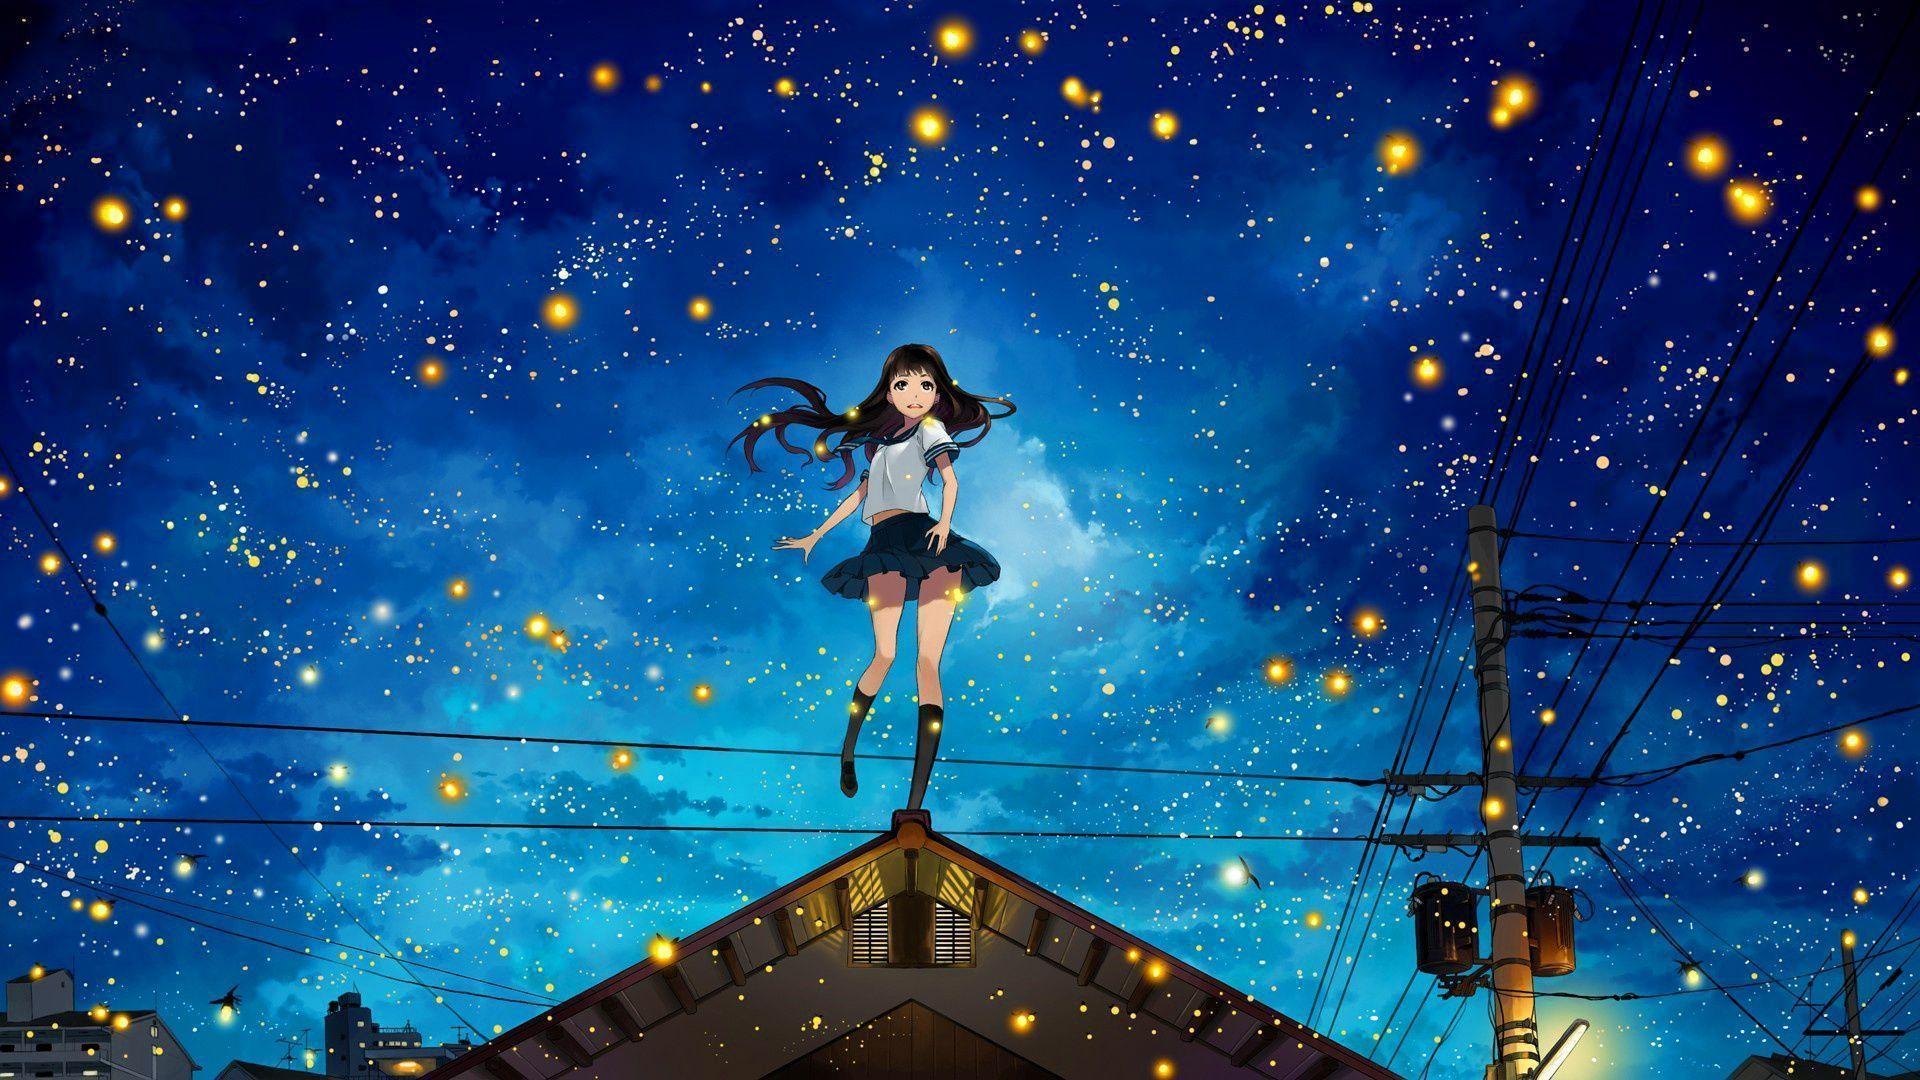 1920x1080 Anime Girl Fireflies Wallpaper